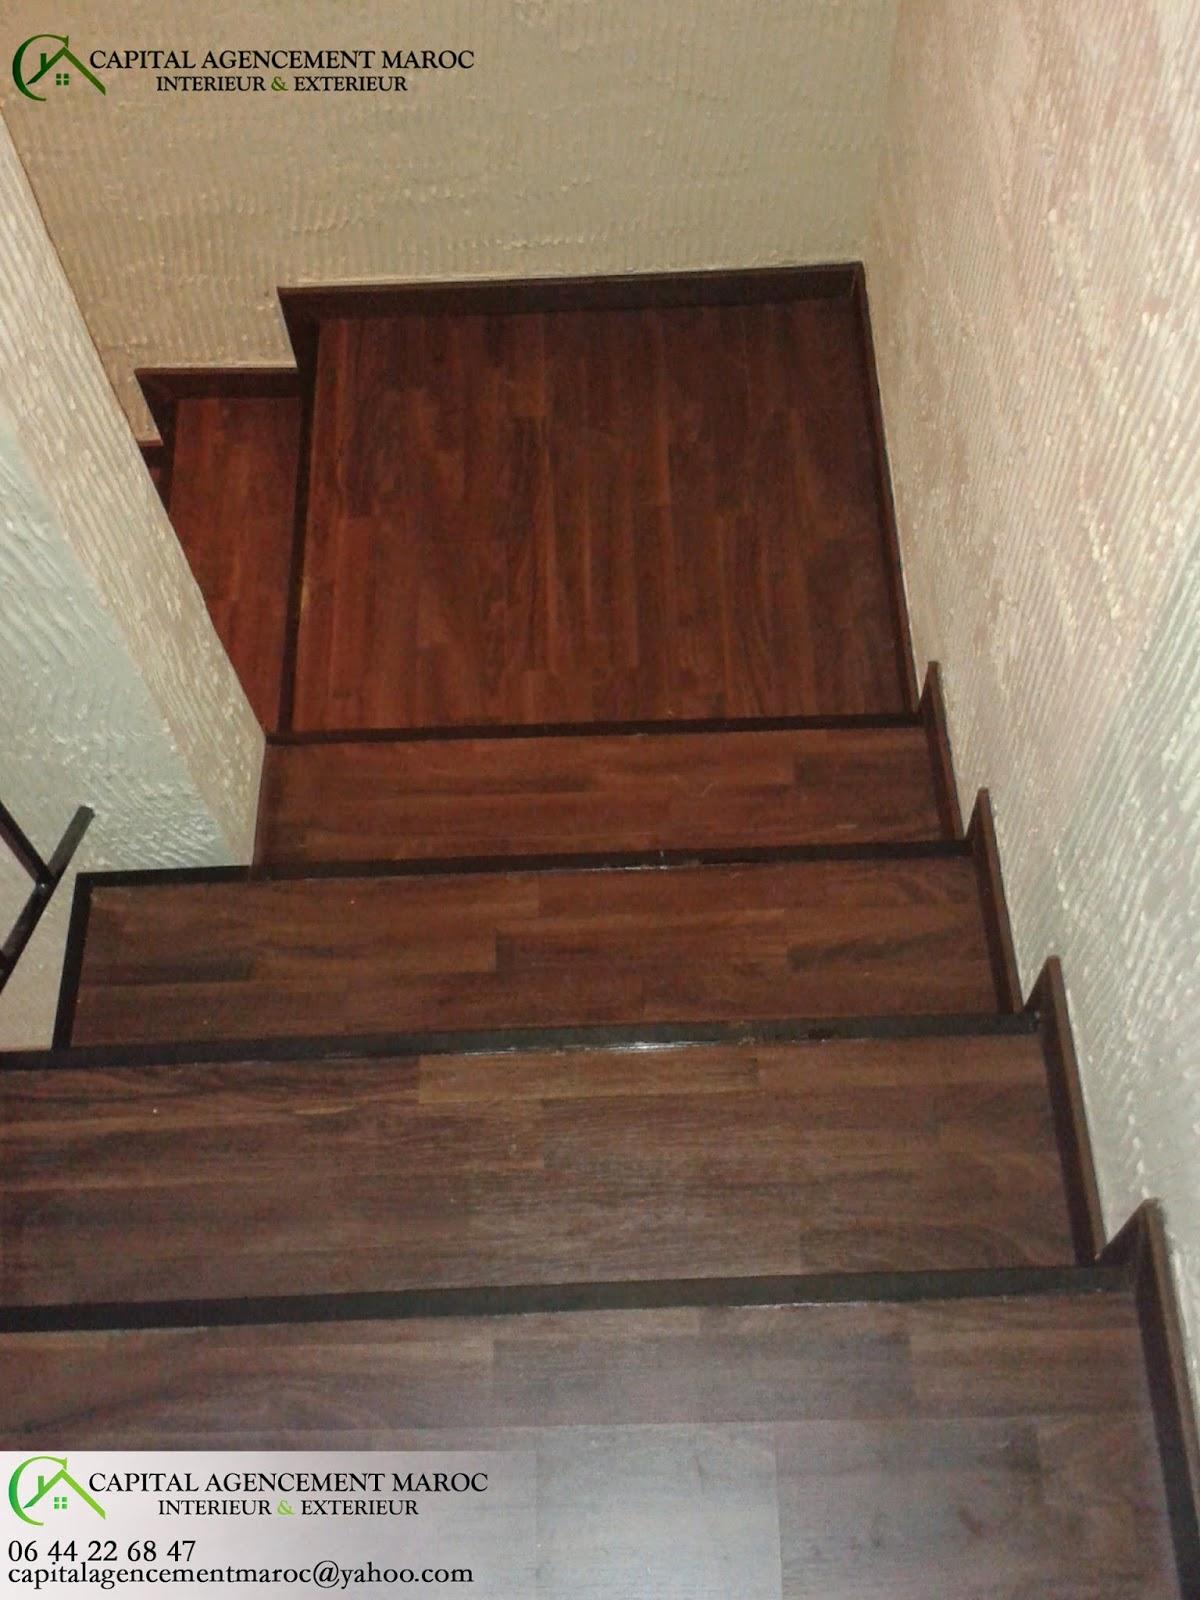 parquet flottant escalier renovation escalier carrelage collection et ranovation descaliers. Black Bedroom Furniture Sets. Home Design Ideas